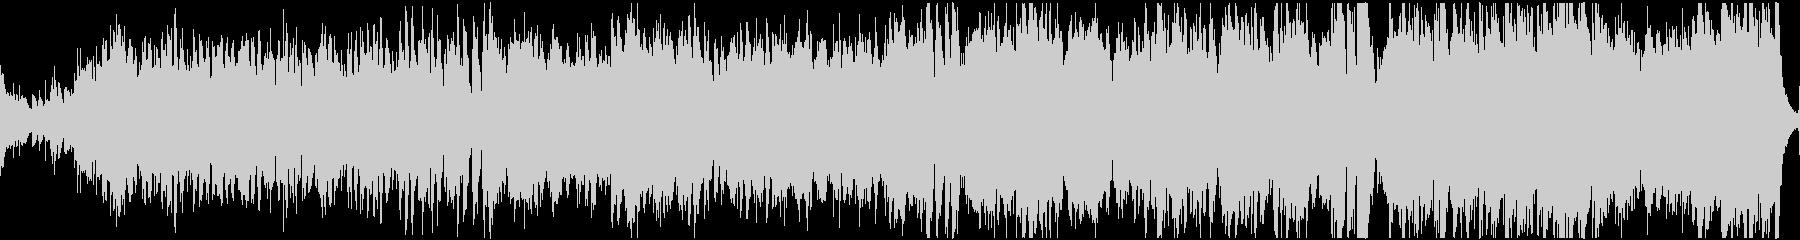 民族調フィールド曲・ループの未再生の波形